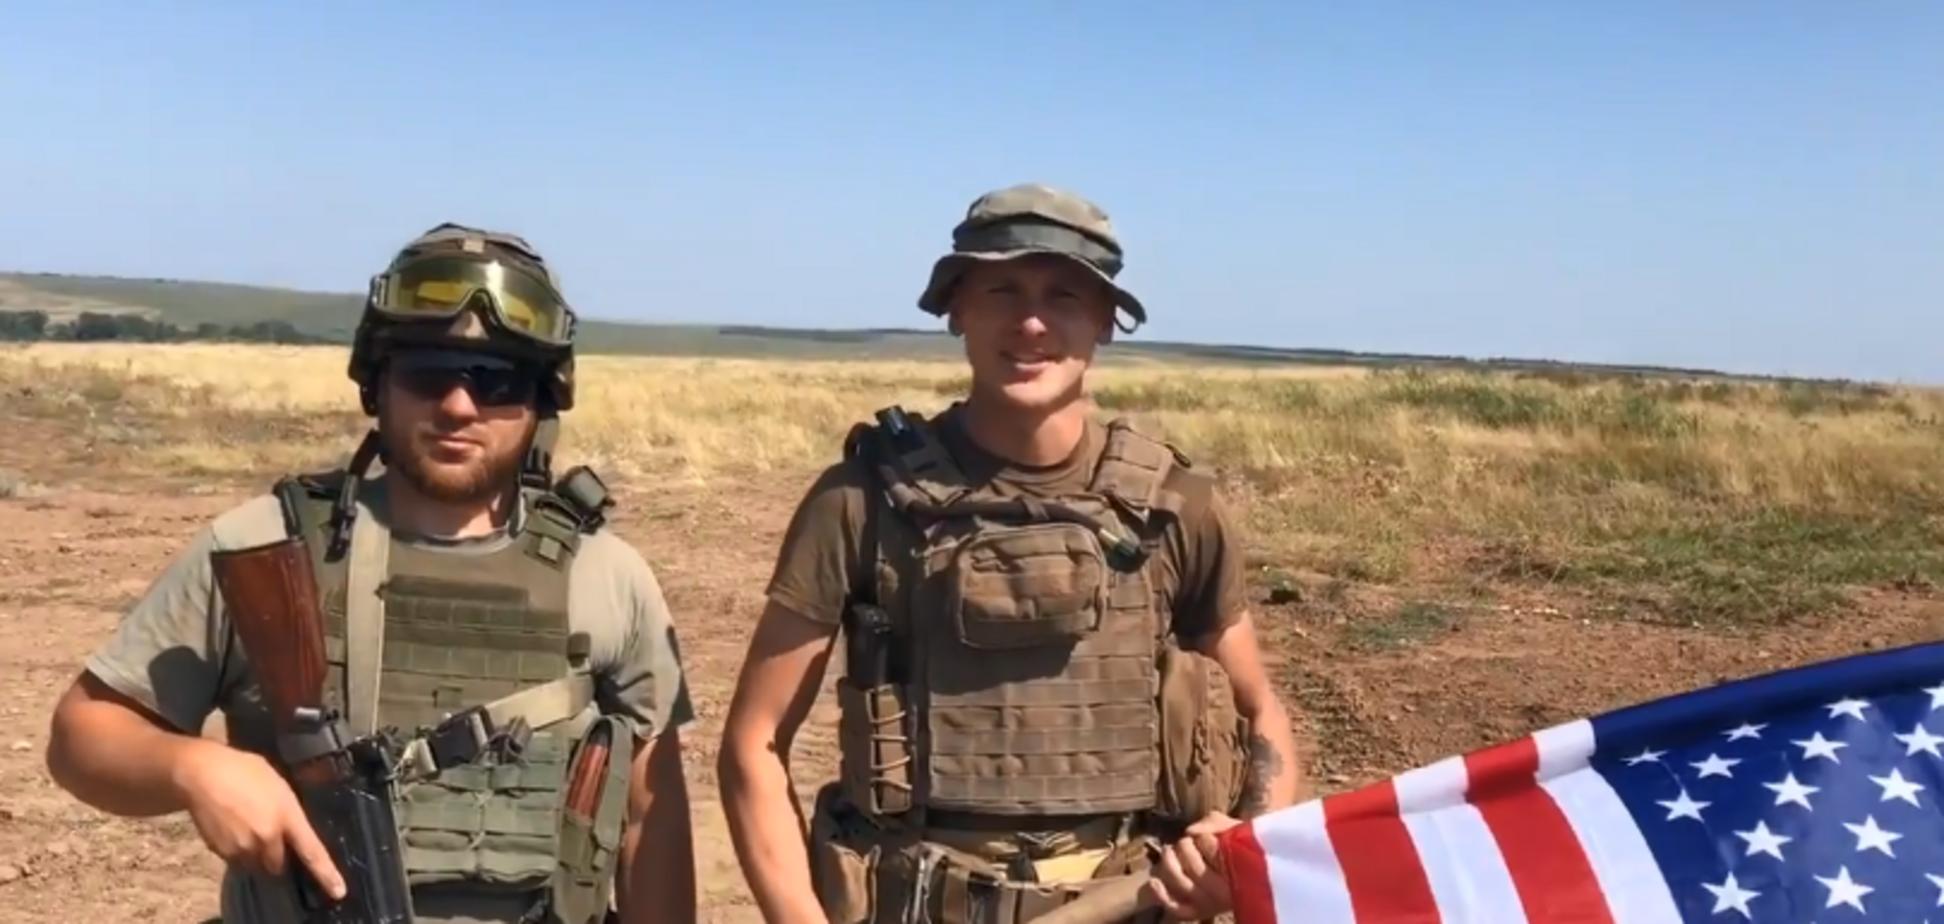 'Консервы из русских детей': 'американцы' на Донбассе ярко потроллили оккупантов